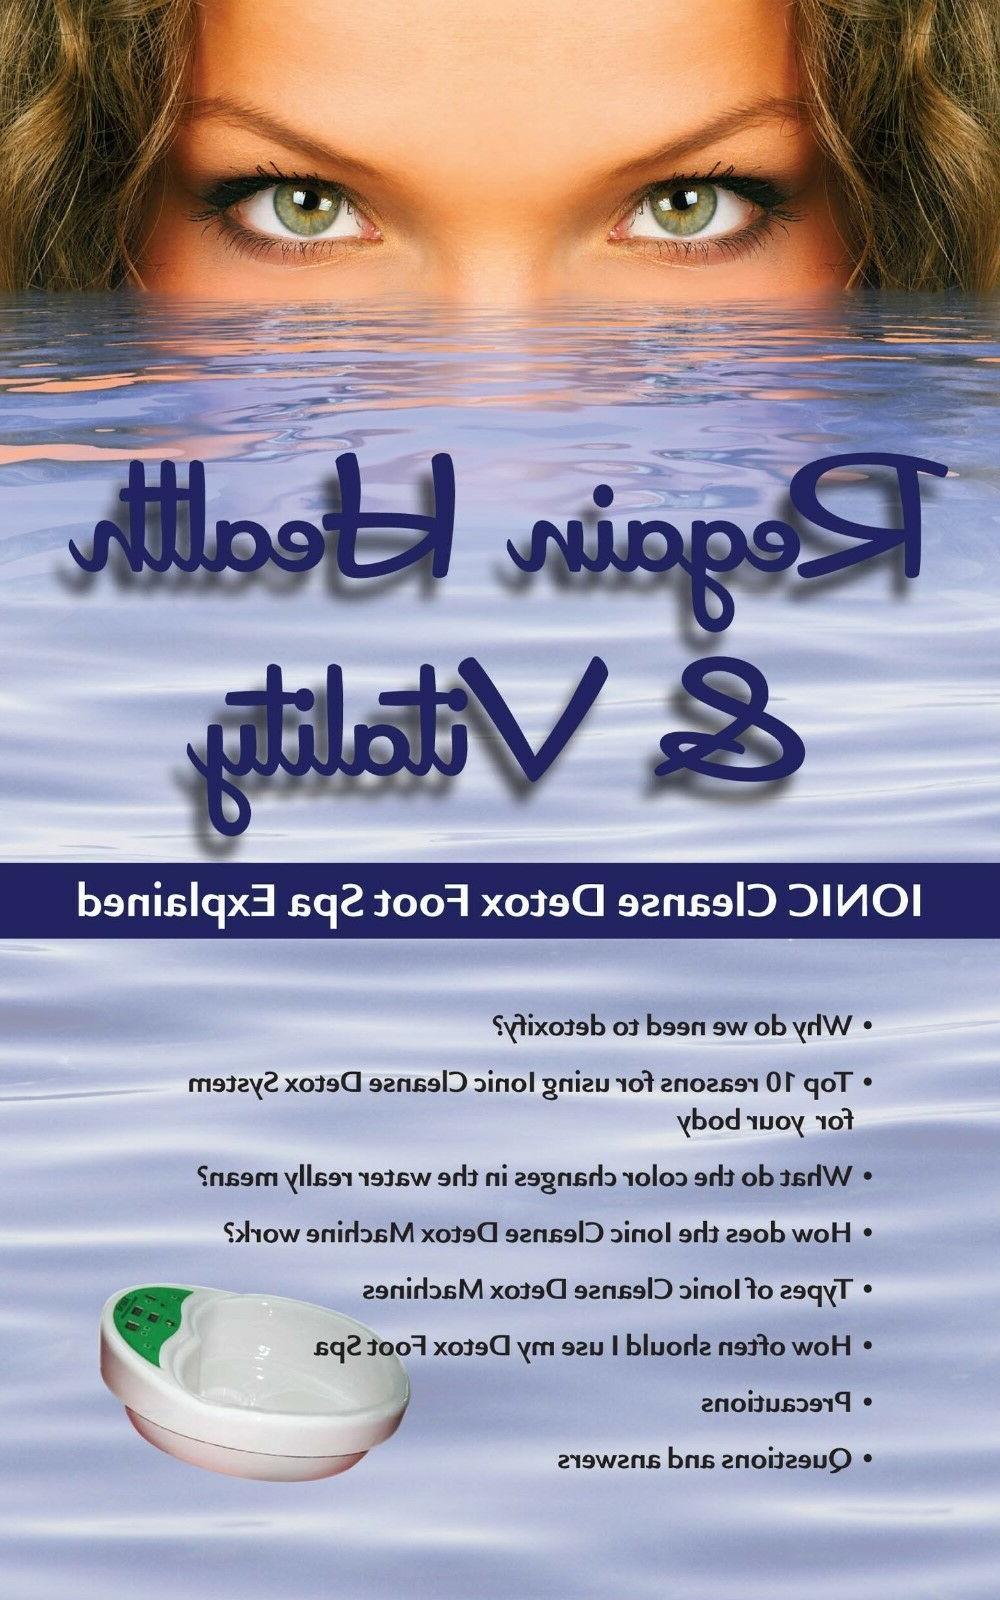 IonIC Detox Bath Spa Unit Detox